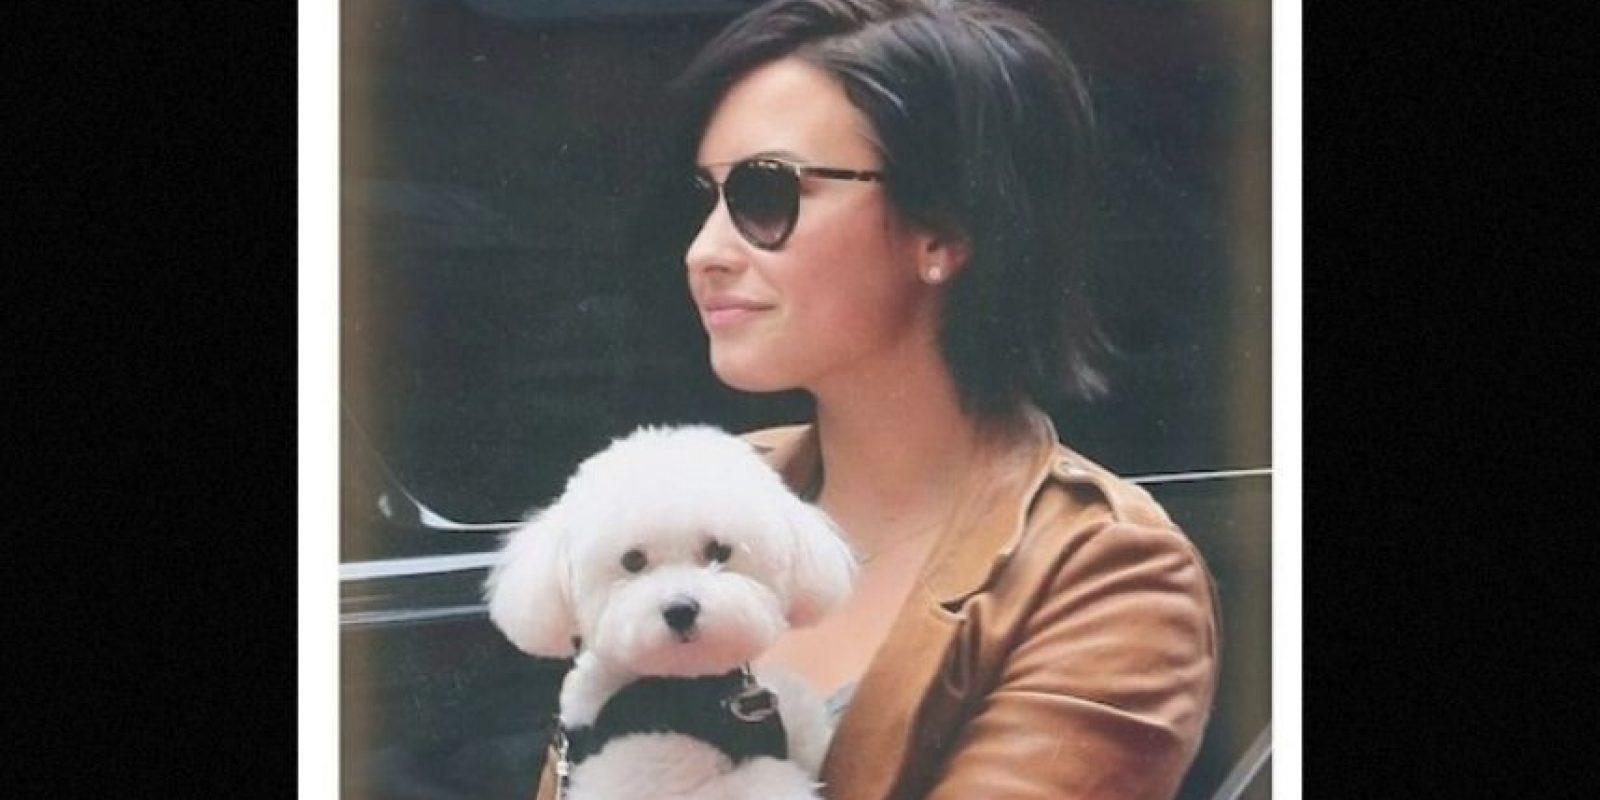 Este año, Demi Lovato también se despidió de Buddy, quien murió en un trágico accidente. Foto:Instagram/ddlovato